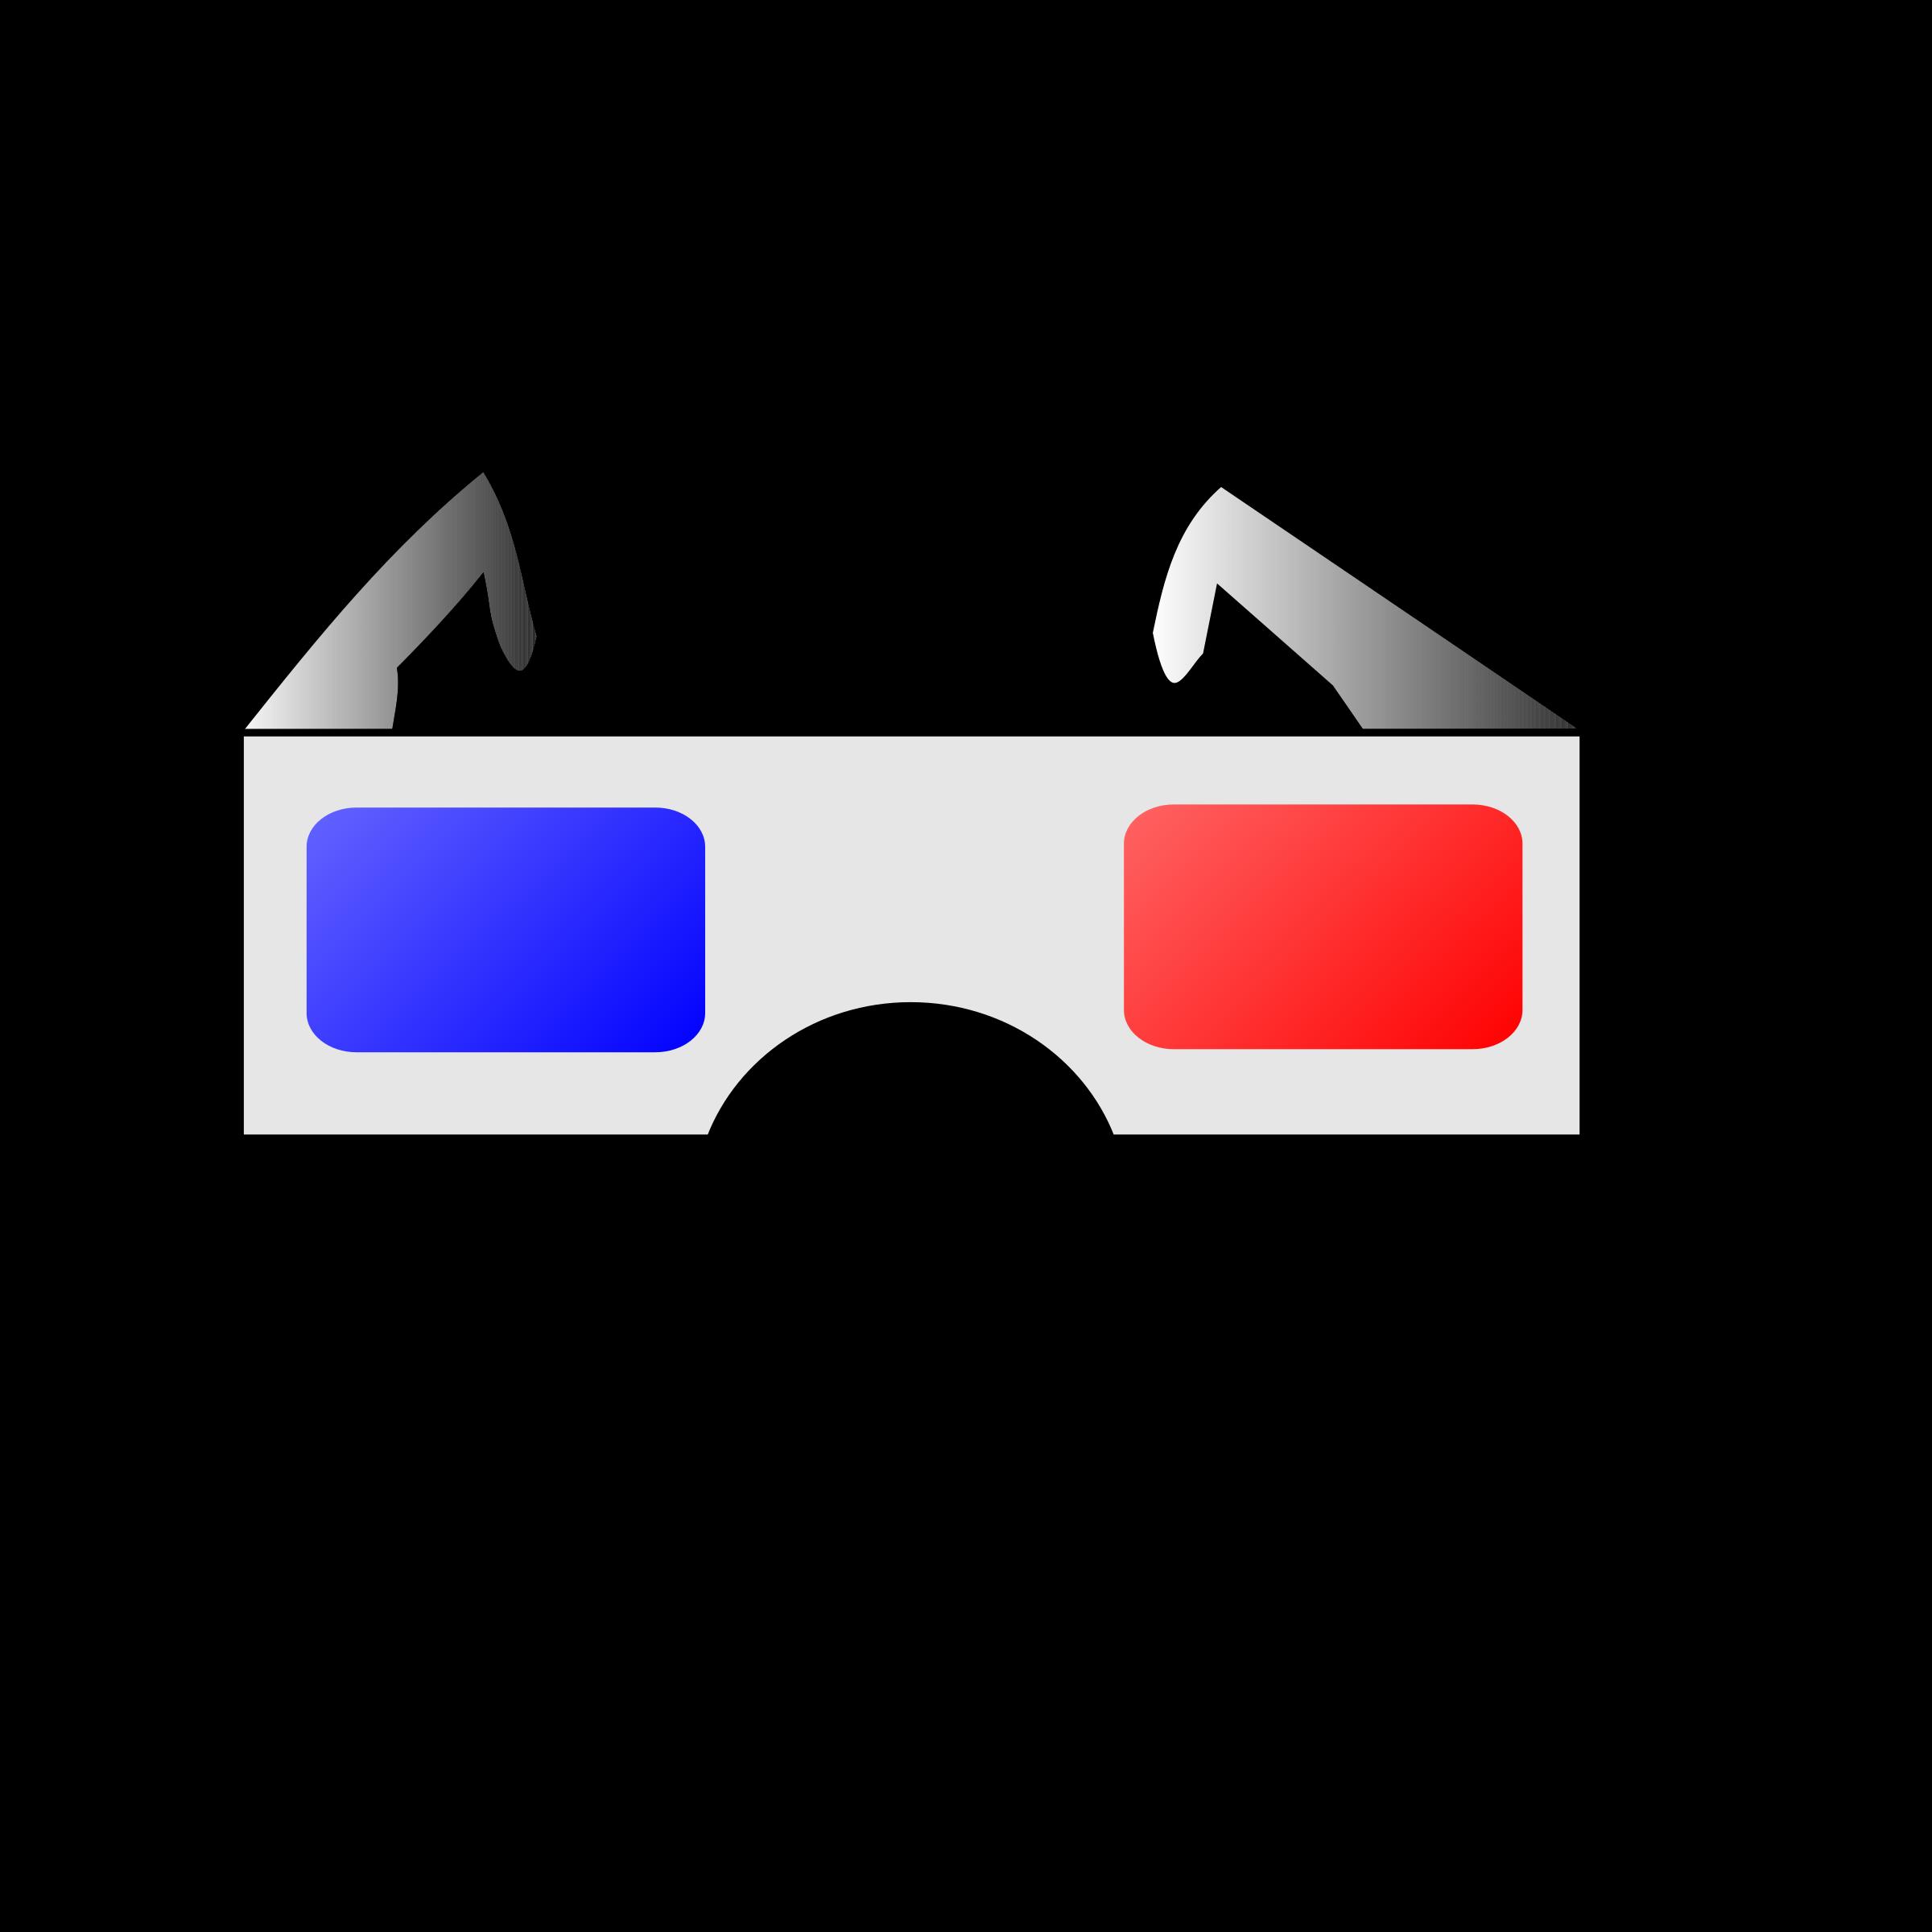 Clipart sunglasses spex, Clipart sunglasses spex Transparent.